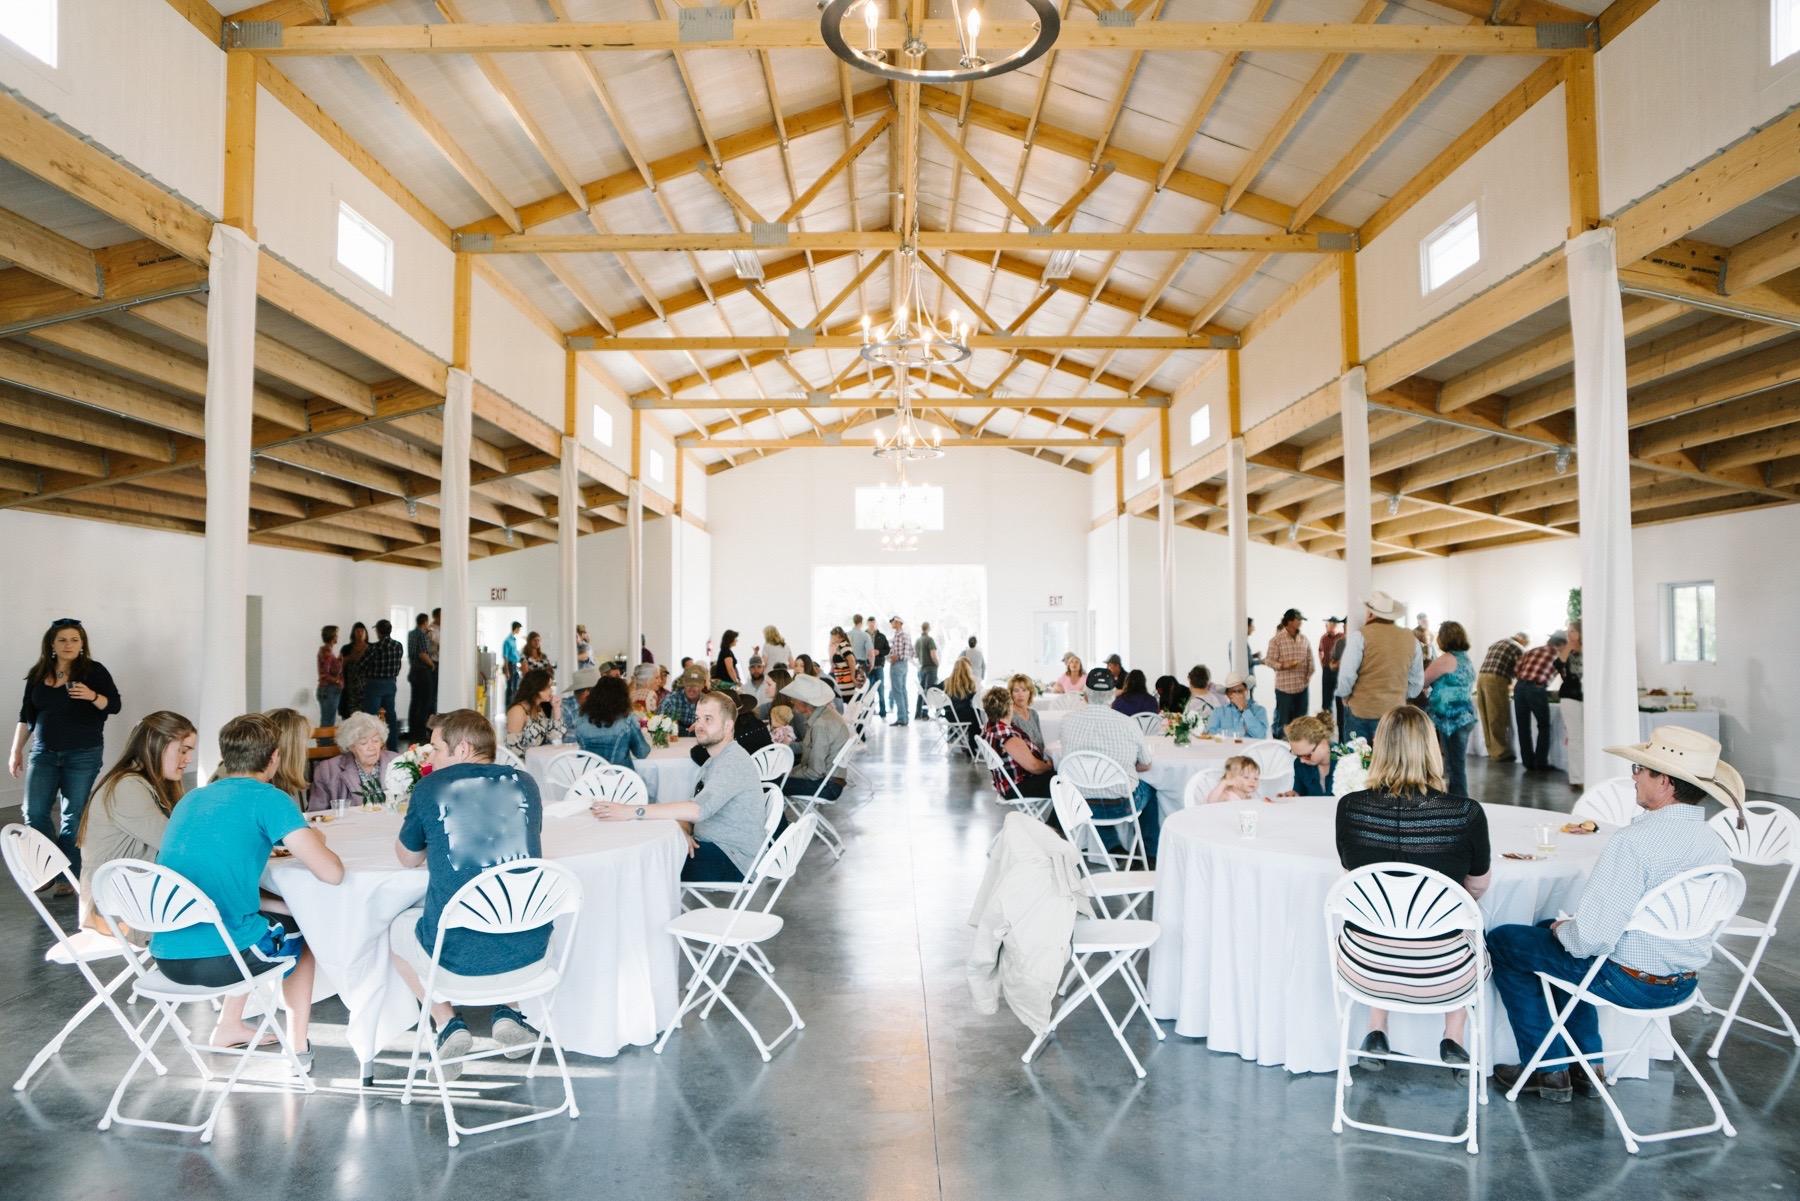 Colorado Barn Wedding Venue